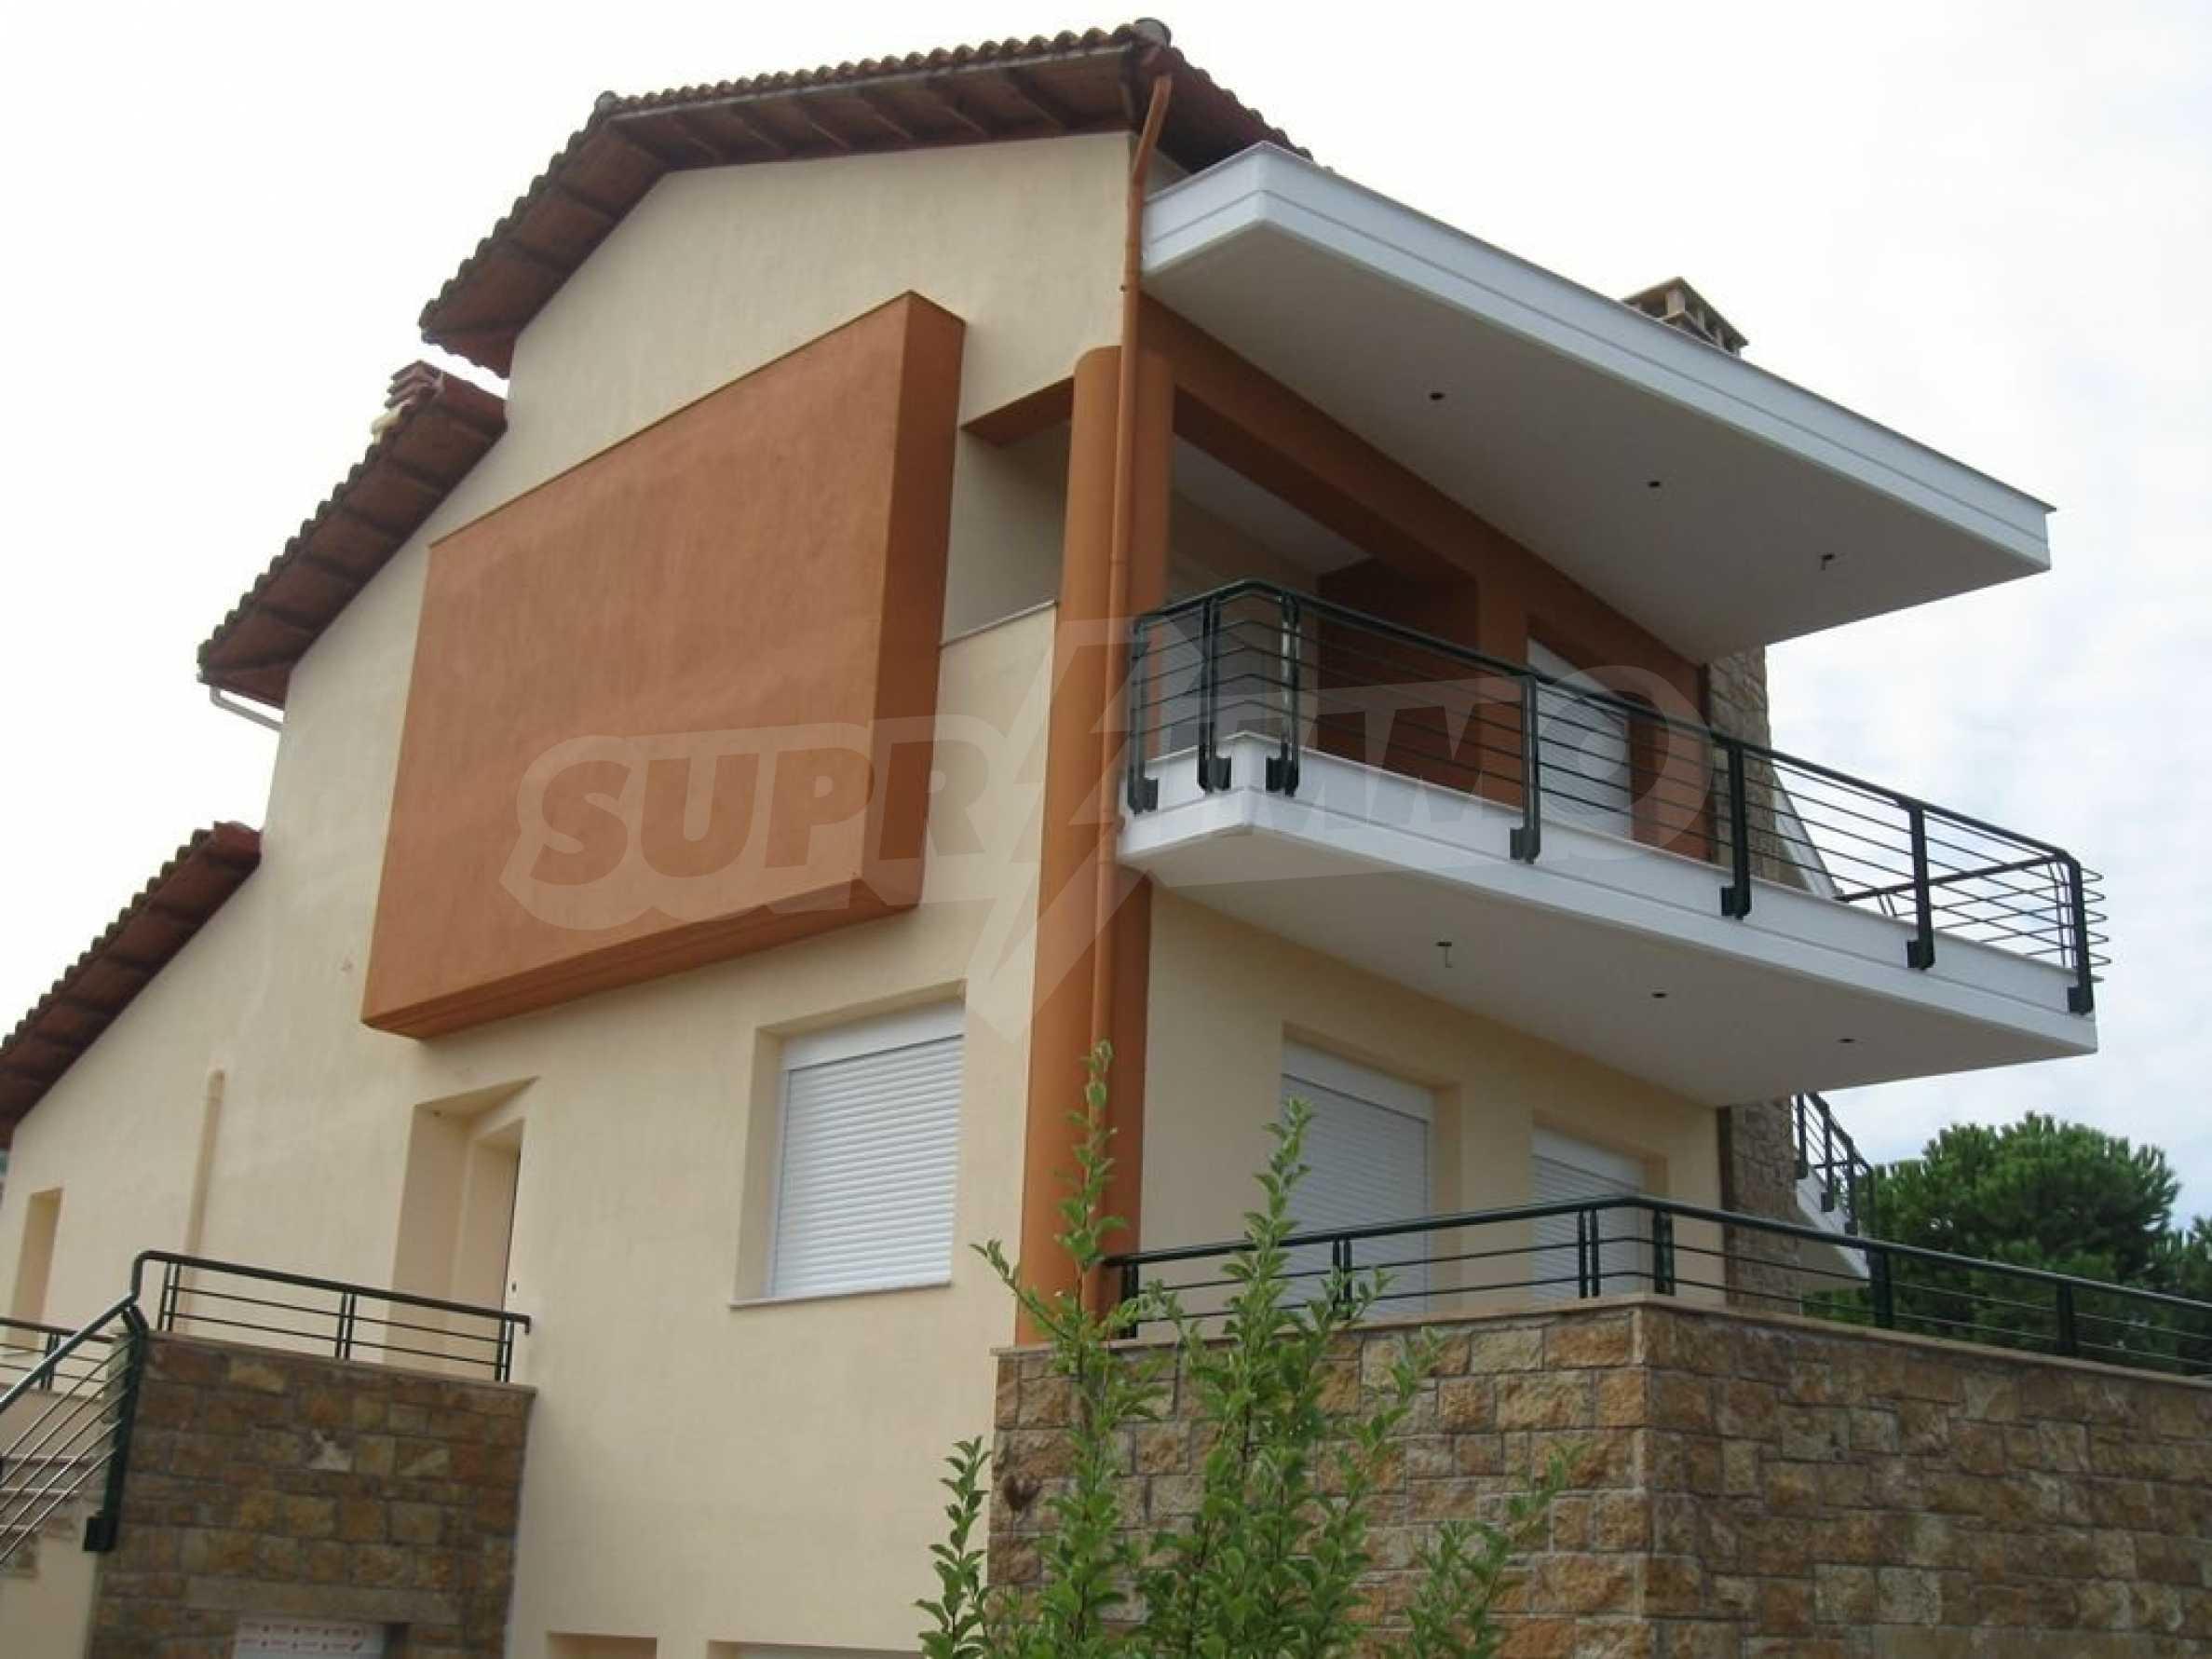 Къща  във  Вурвуру